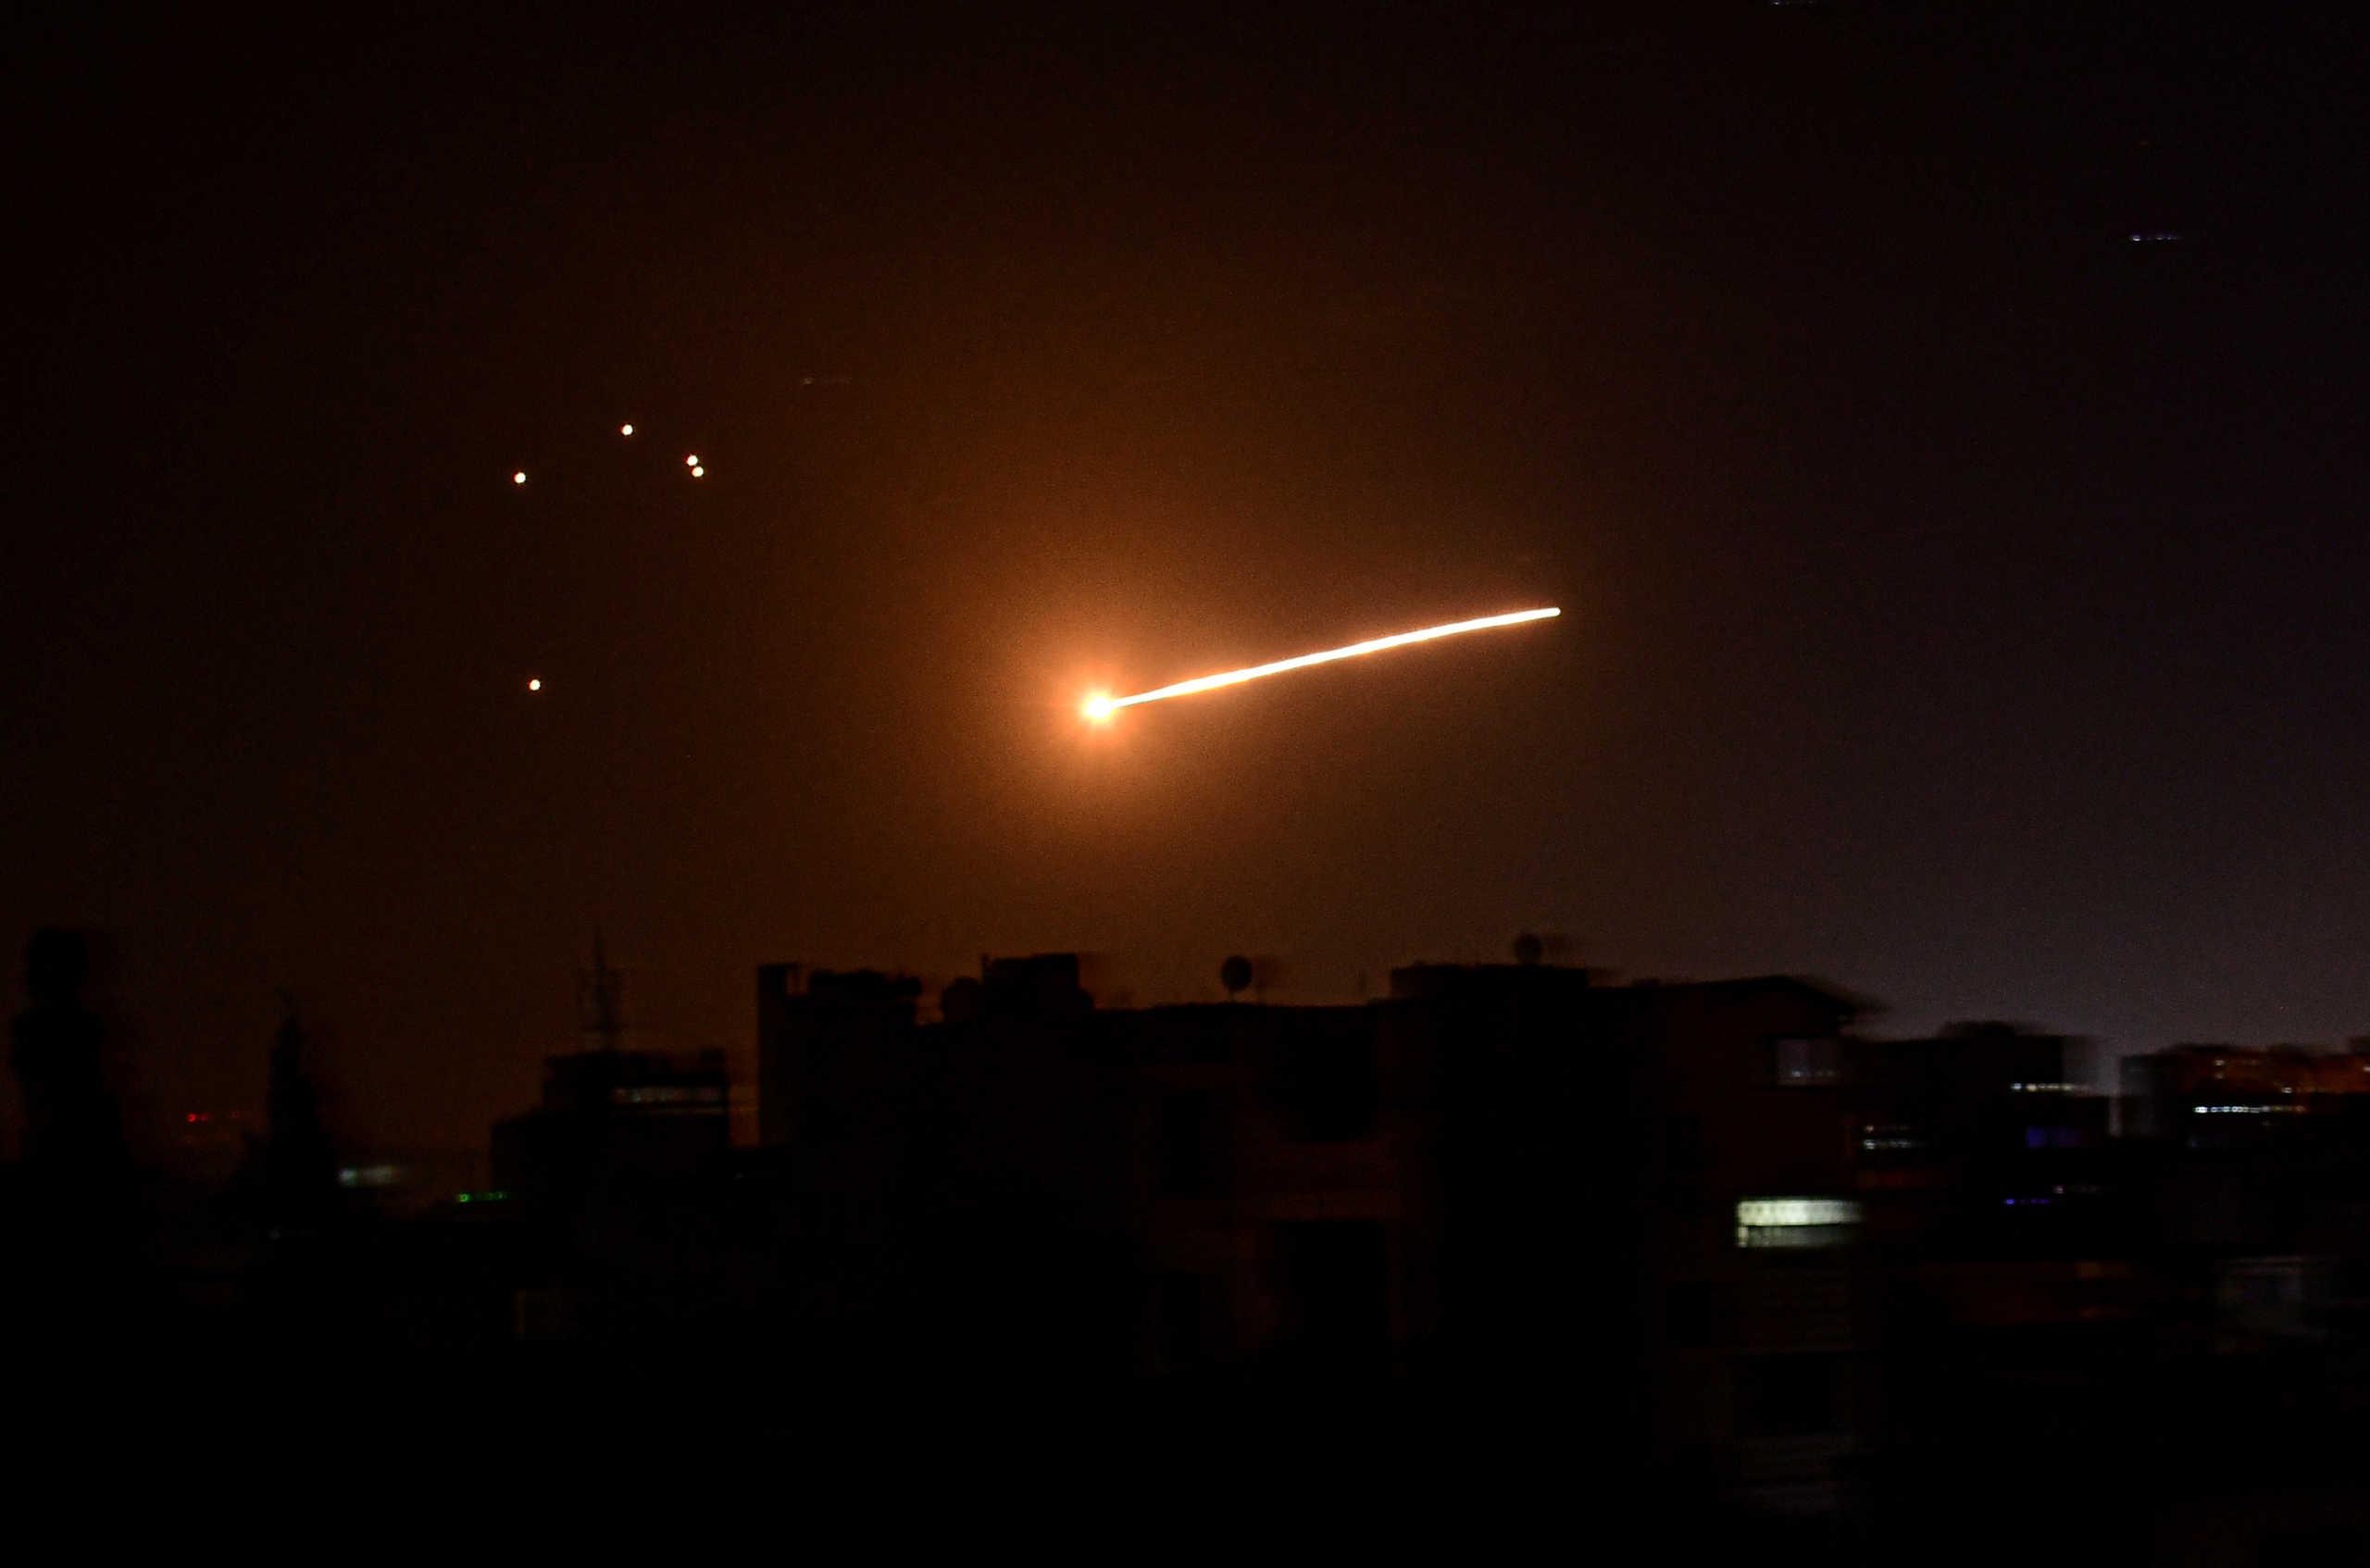 Συρία: Νυχτερινή αεροπορική επιδρομή στη Δαμασκό από το Ισραήλ